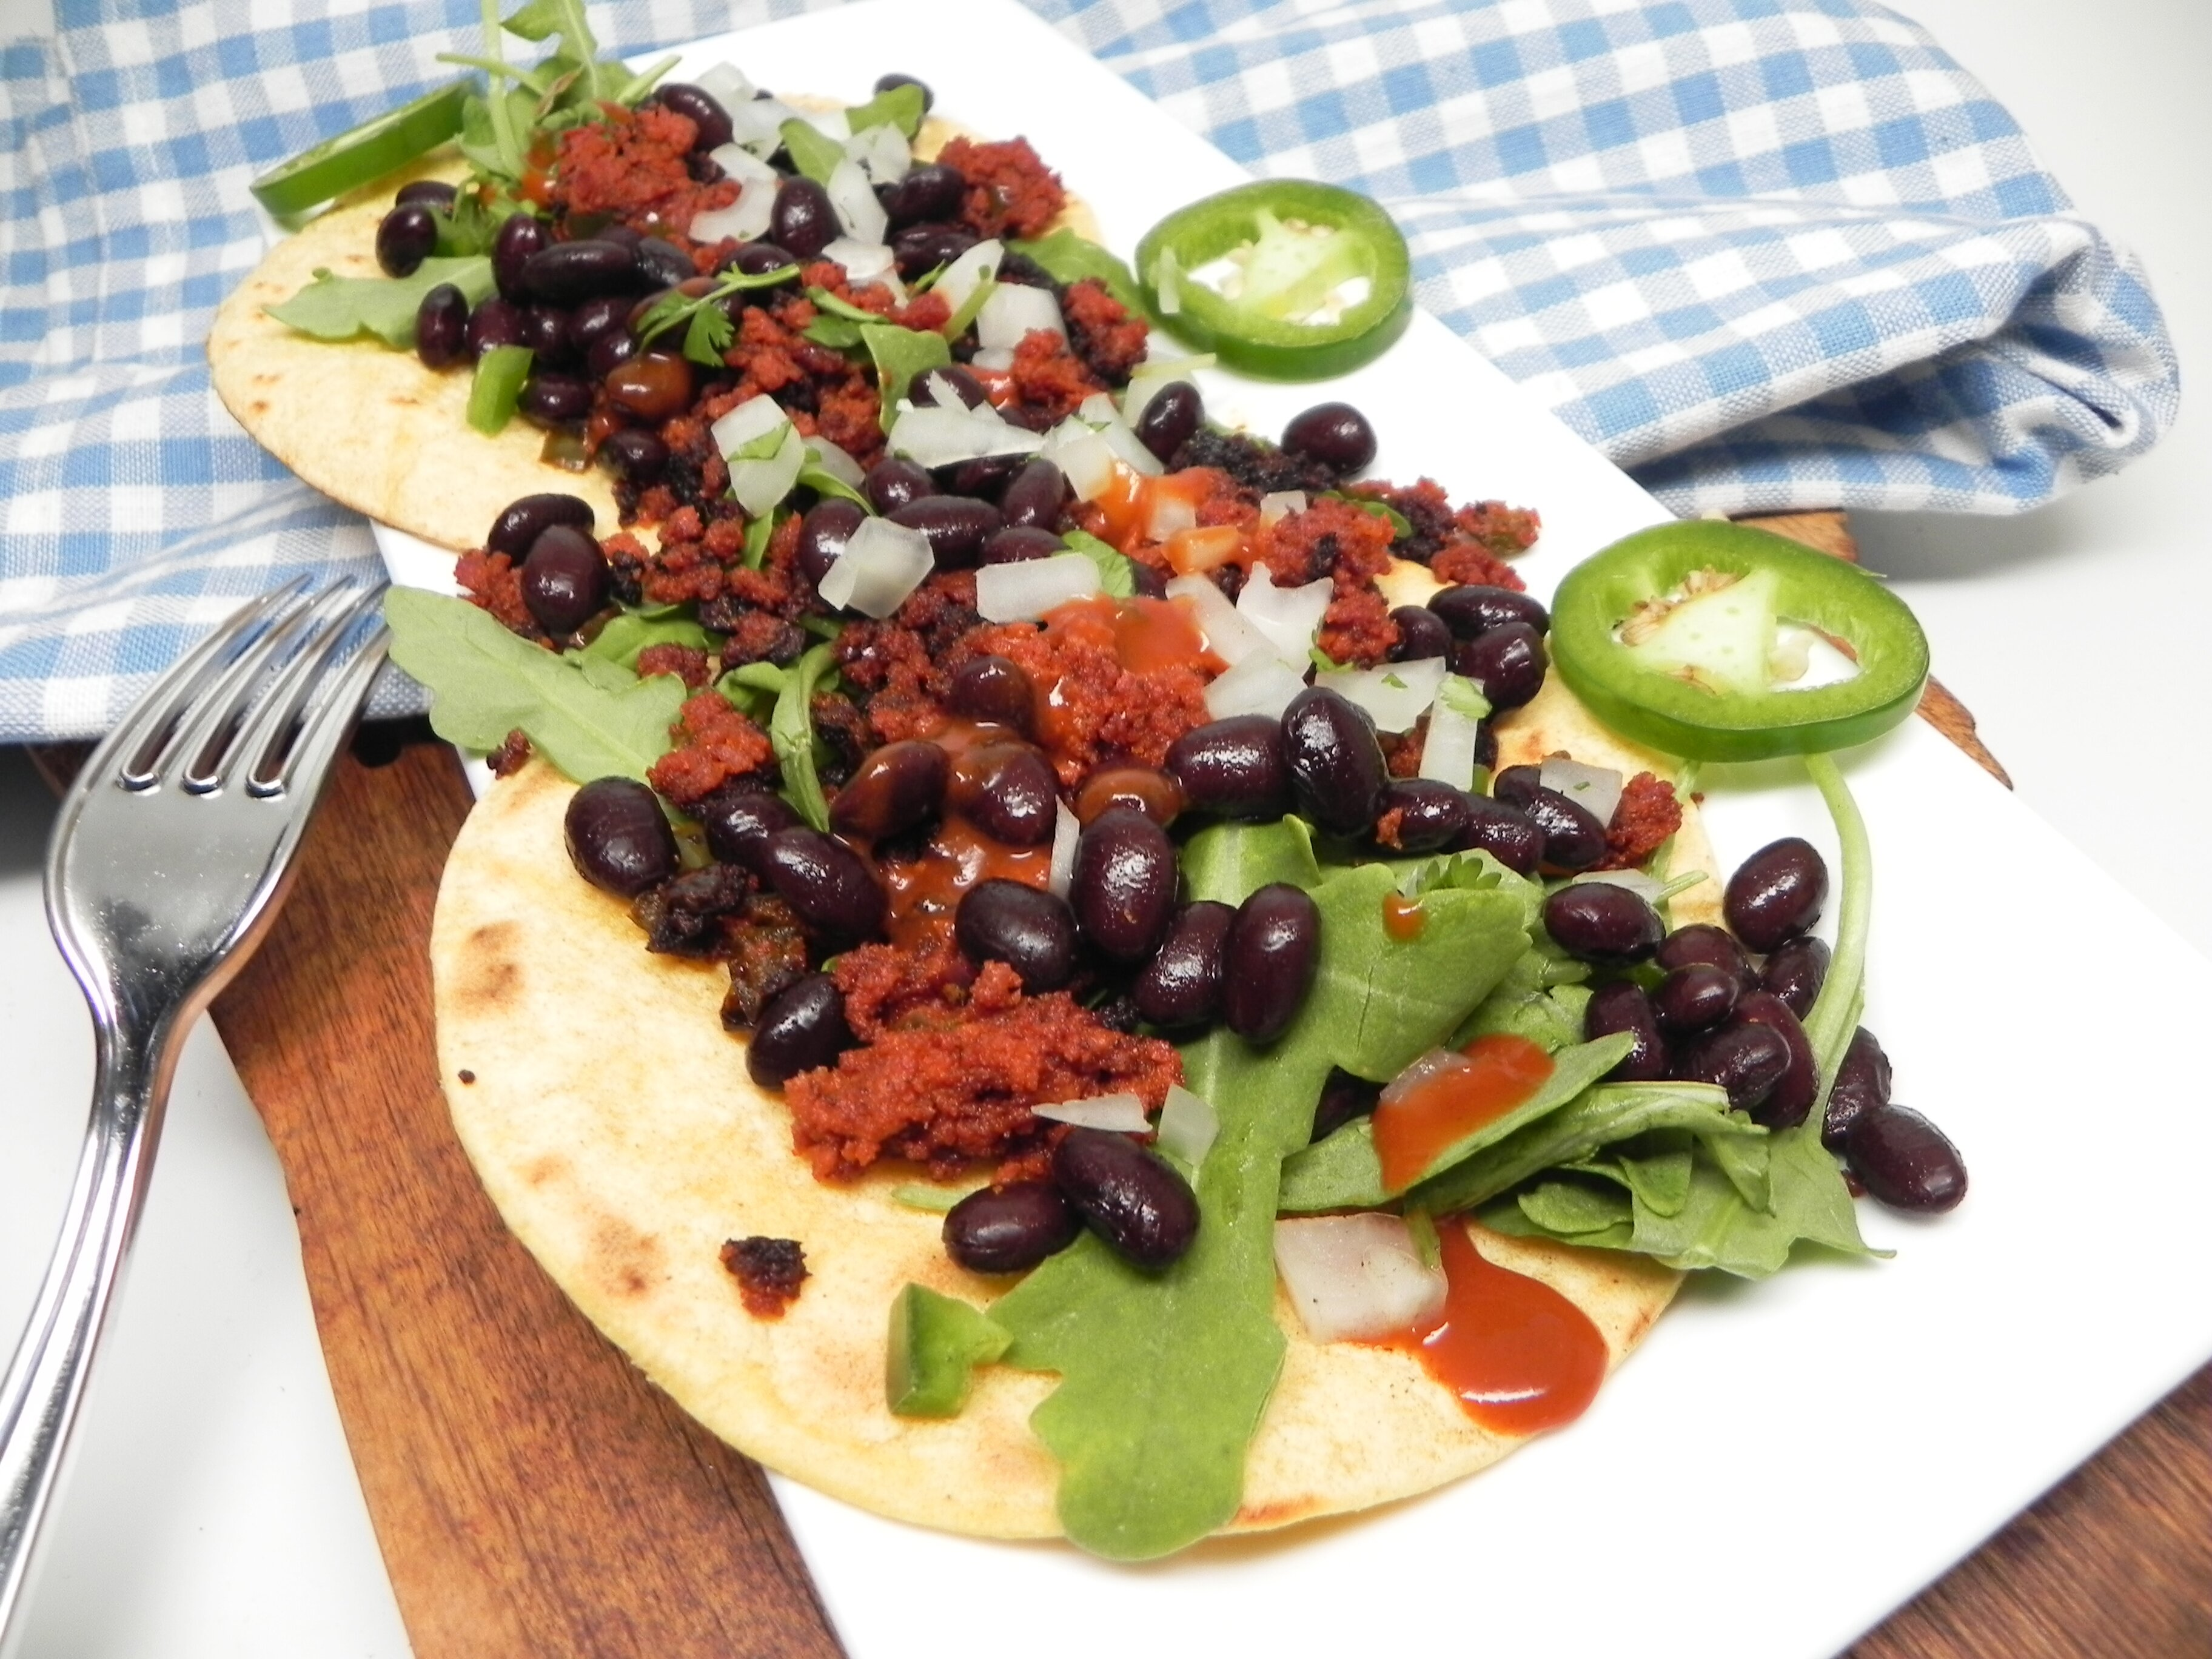 soy chorizo taco filling recipe